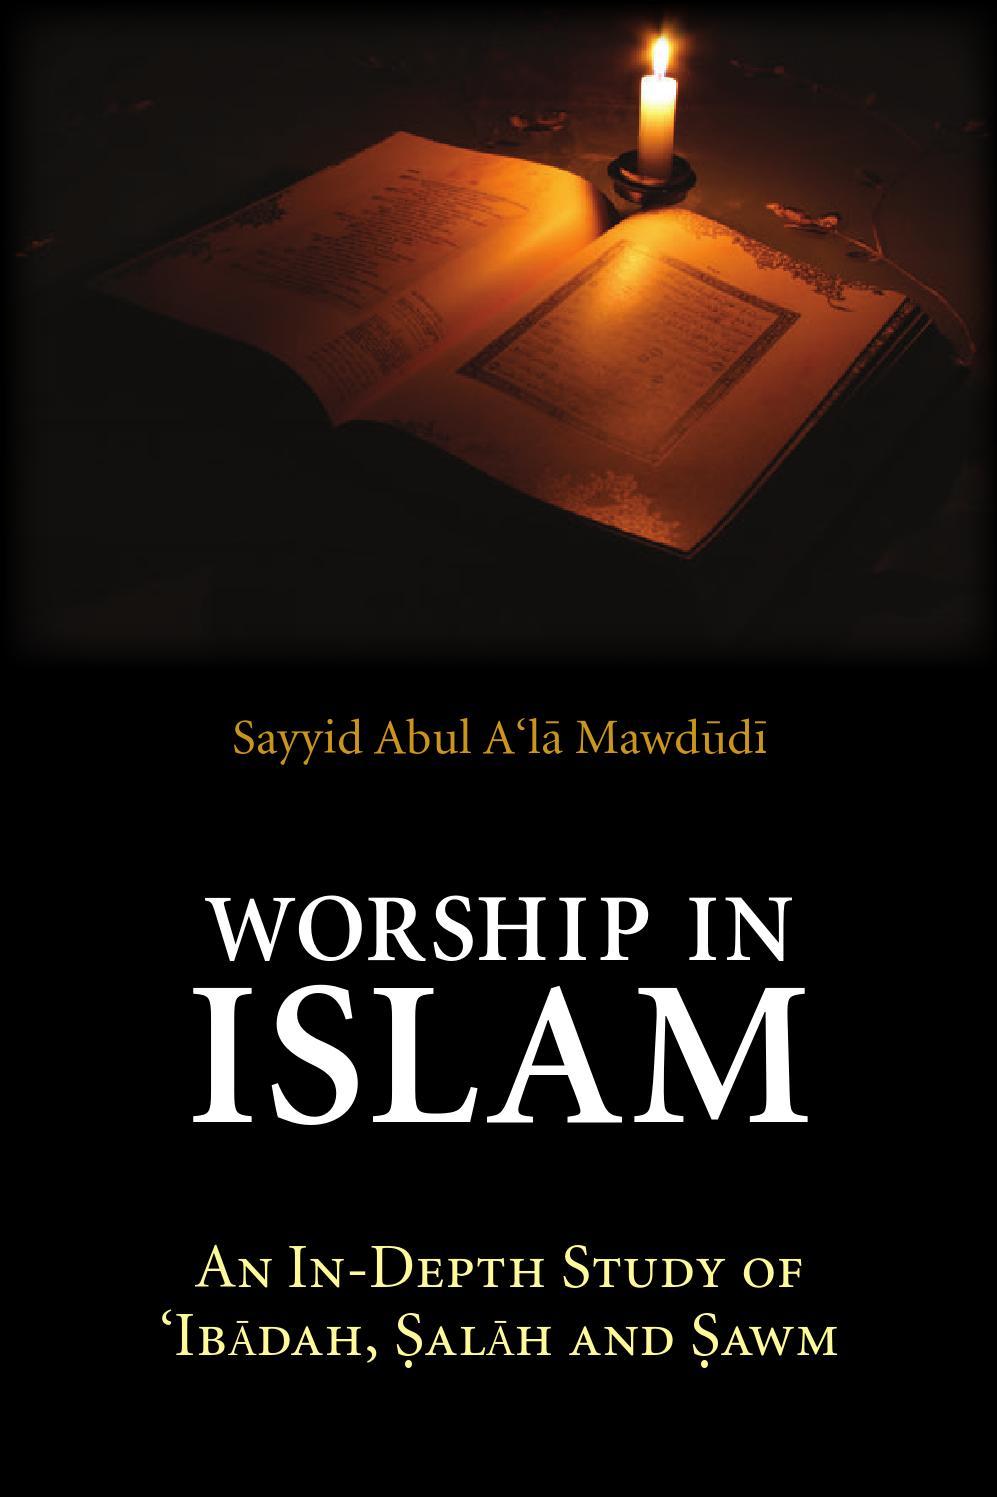 تعريف العبادة